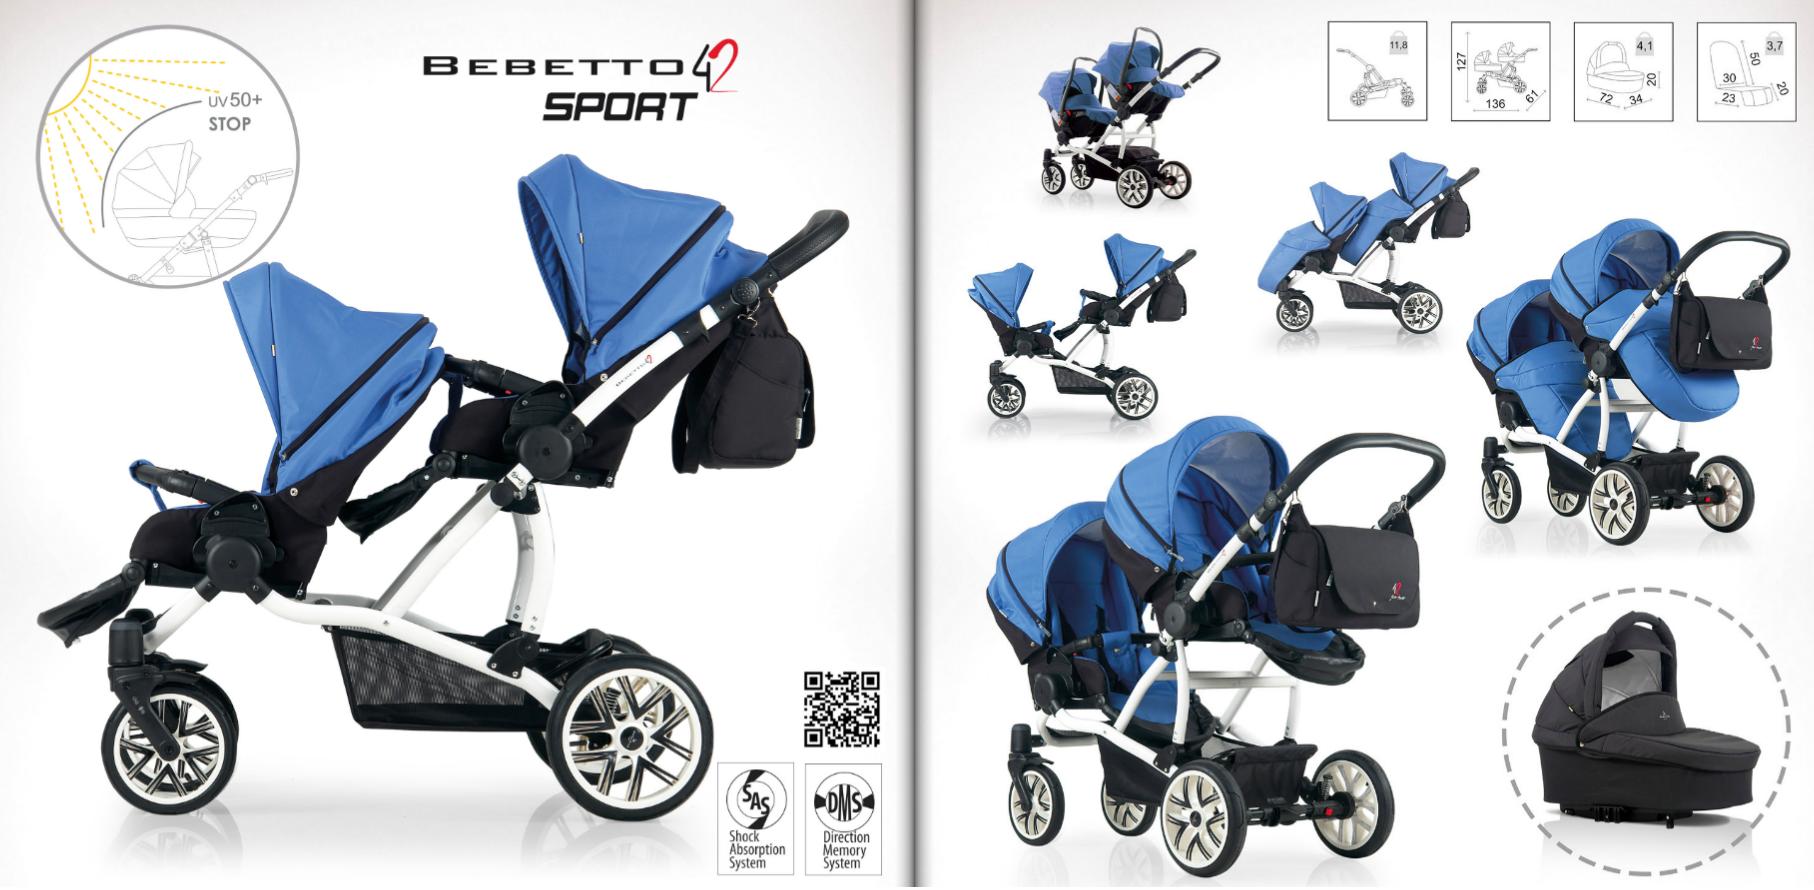 фото коляски бебетто спорт 42